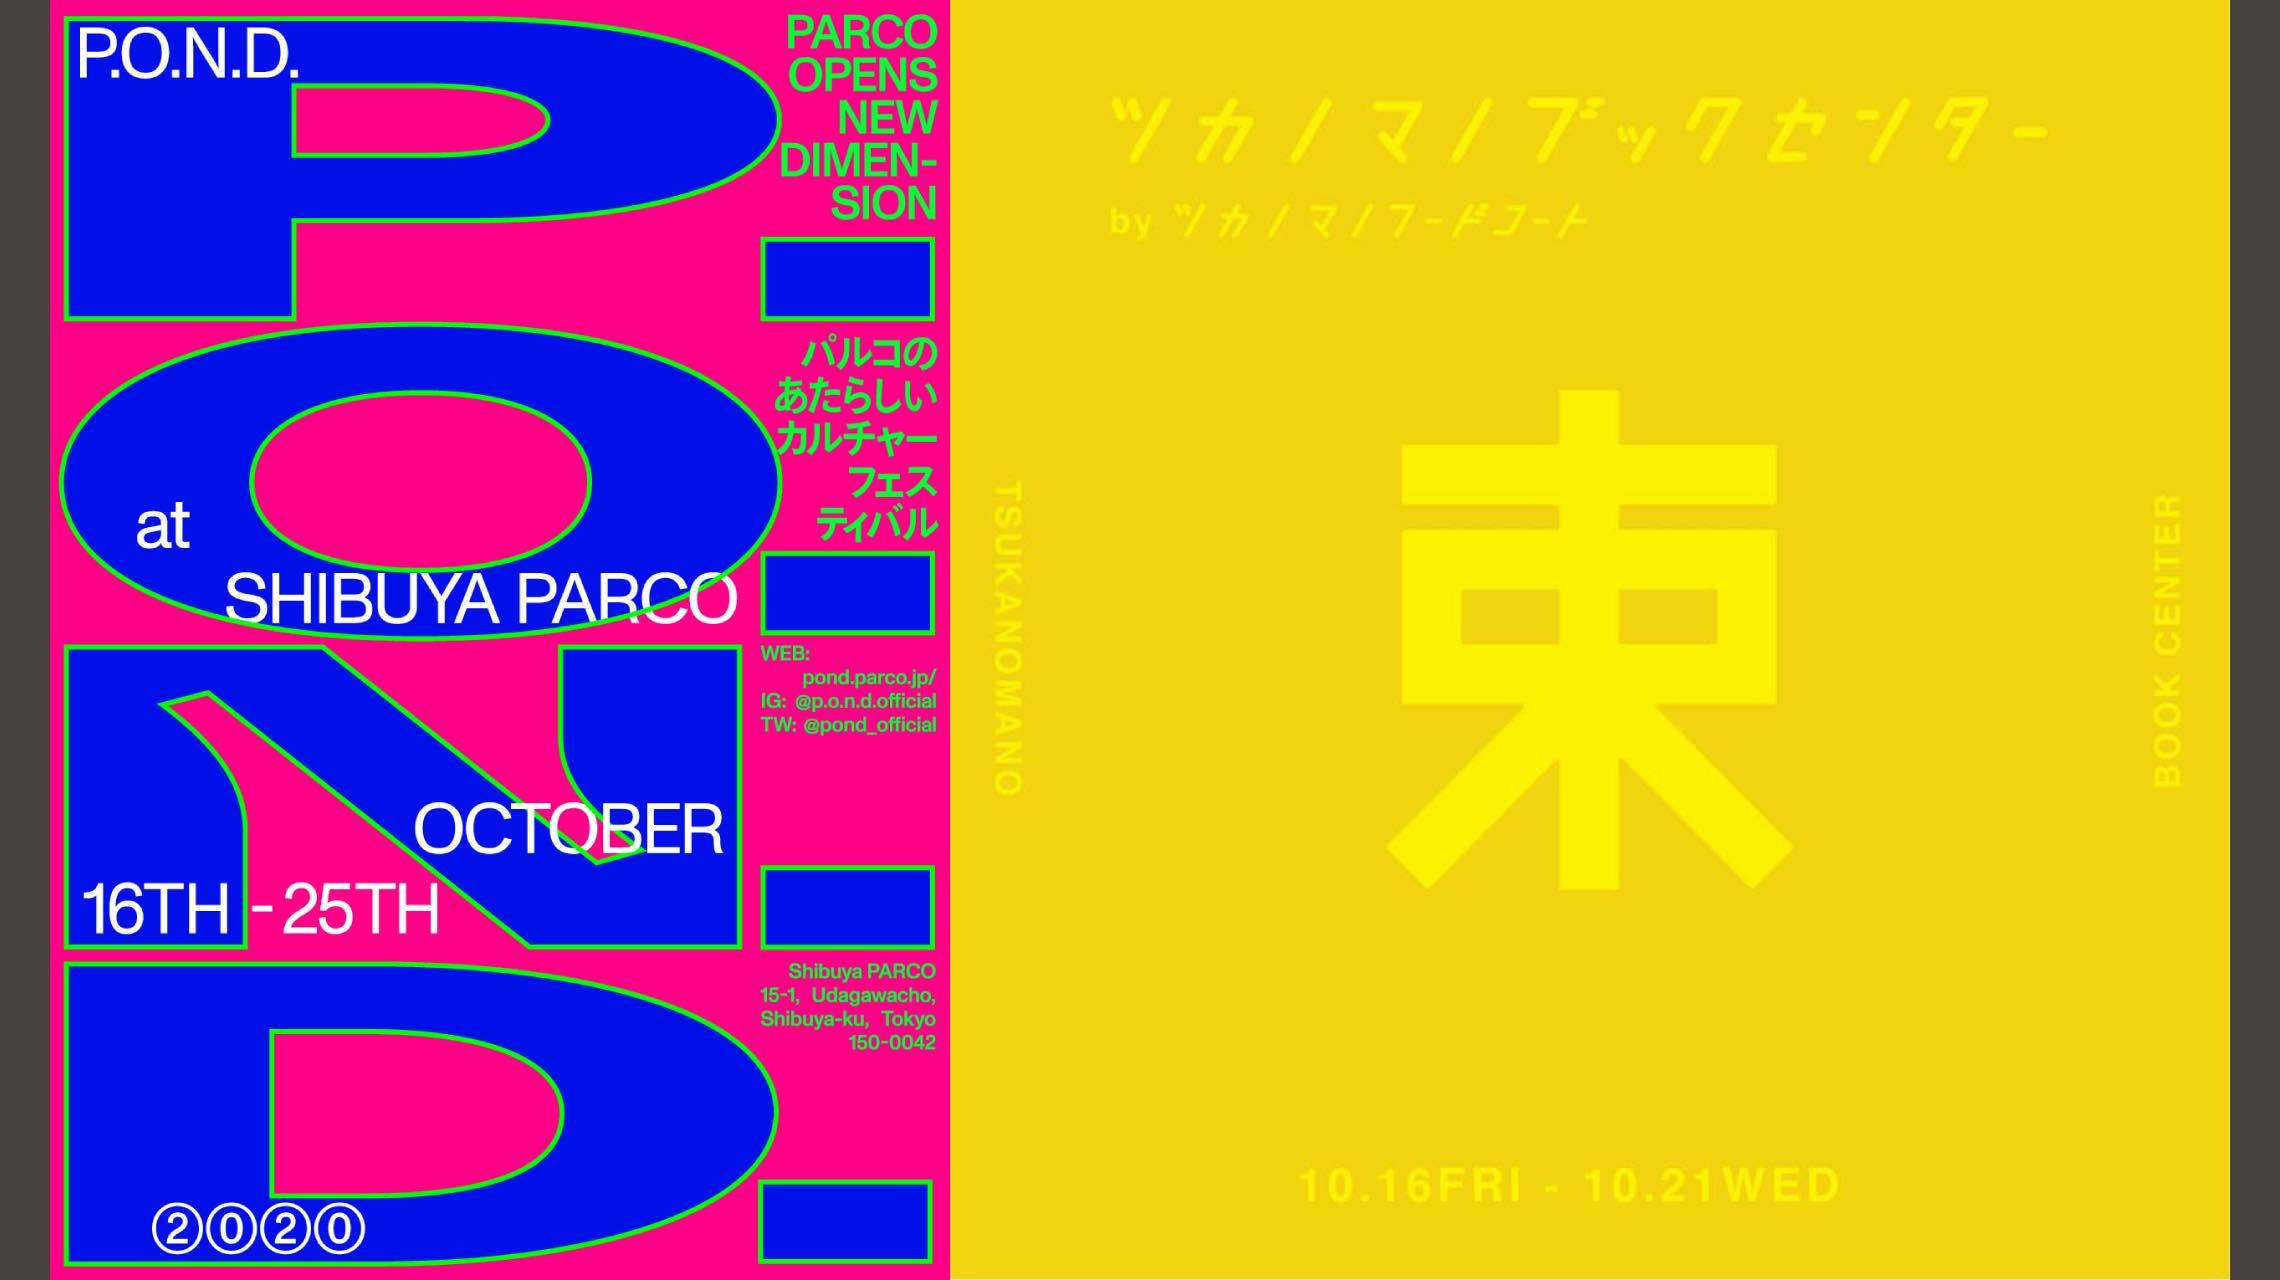 大人の文化祭「P.O.N.D.」へ。渋谷パルコがカルチャーに染まる10日間